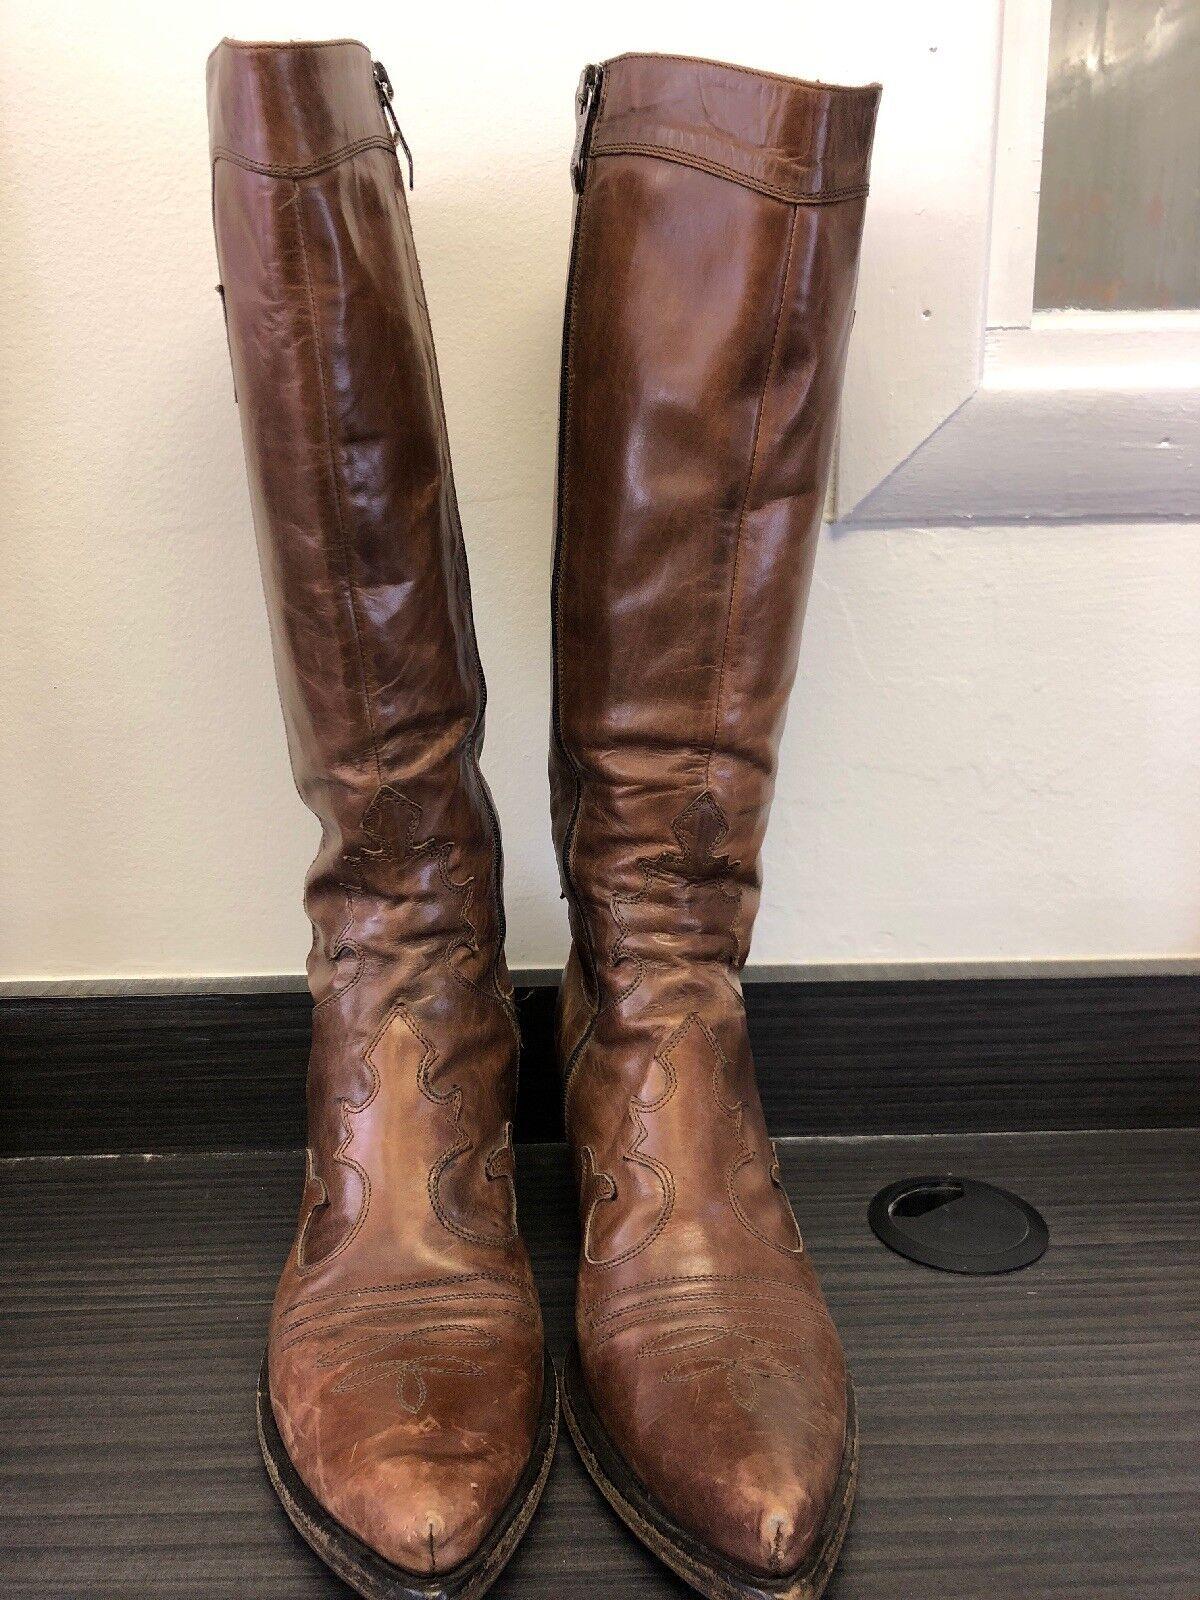 è scontato Santiag stivali Marrone Leather Leather Leather 39  garantito